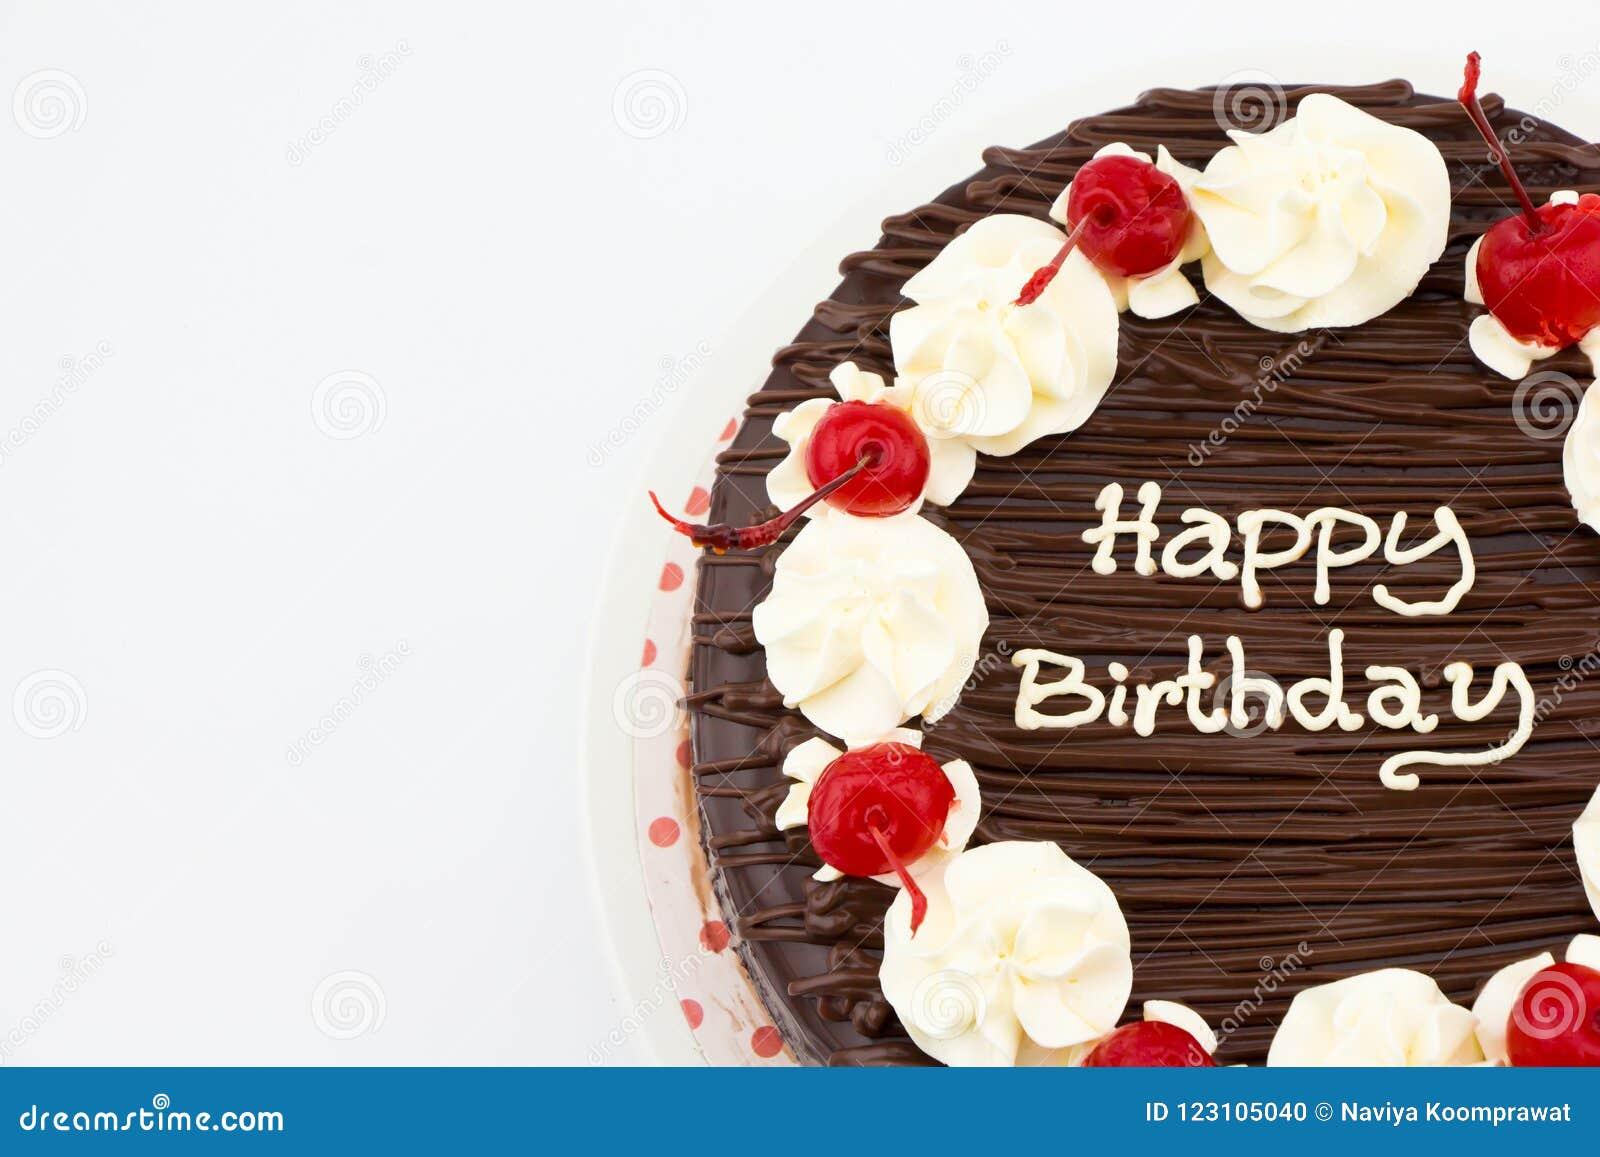 Dolce di cioccolato, dolce del fondente di cioccolato con il messaggio di buon compleanno